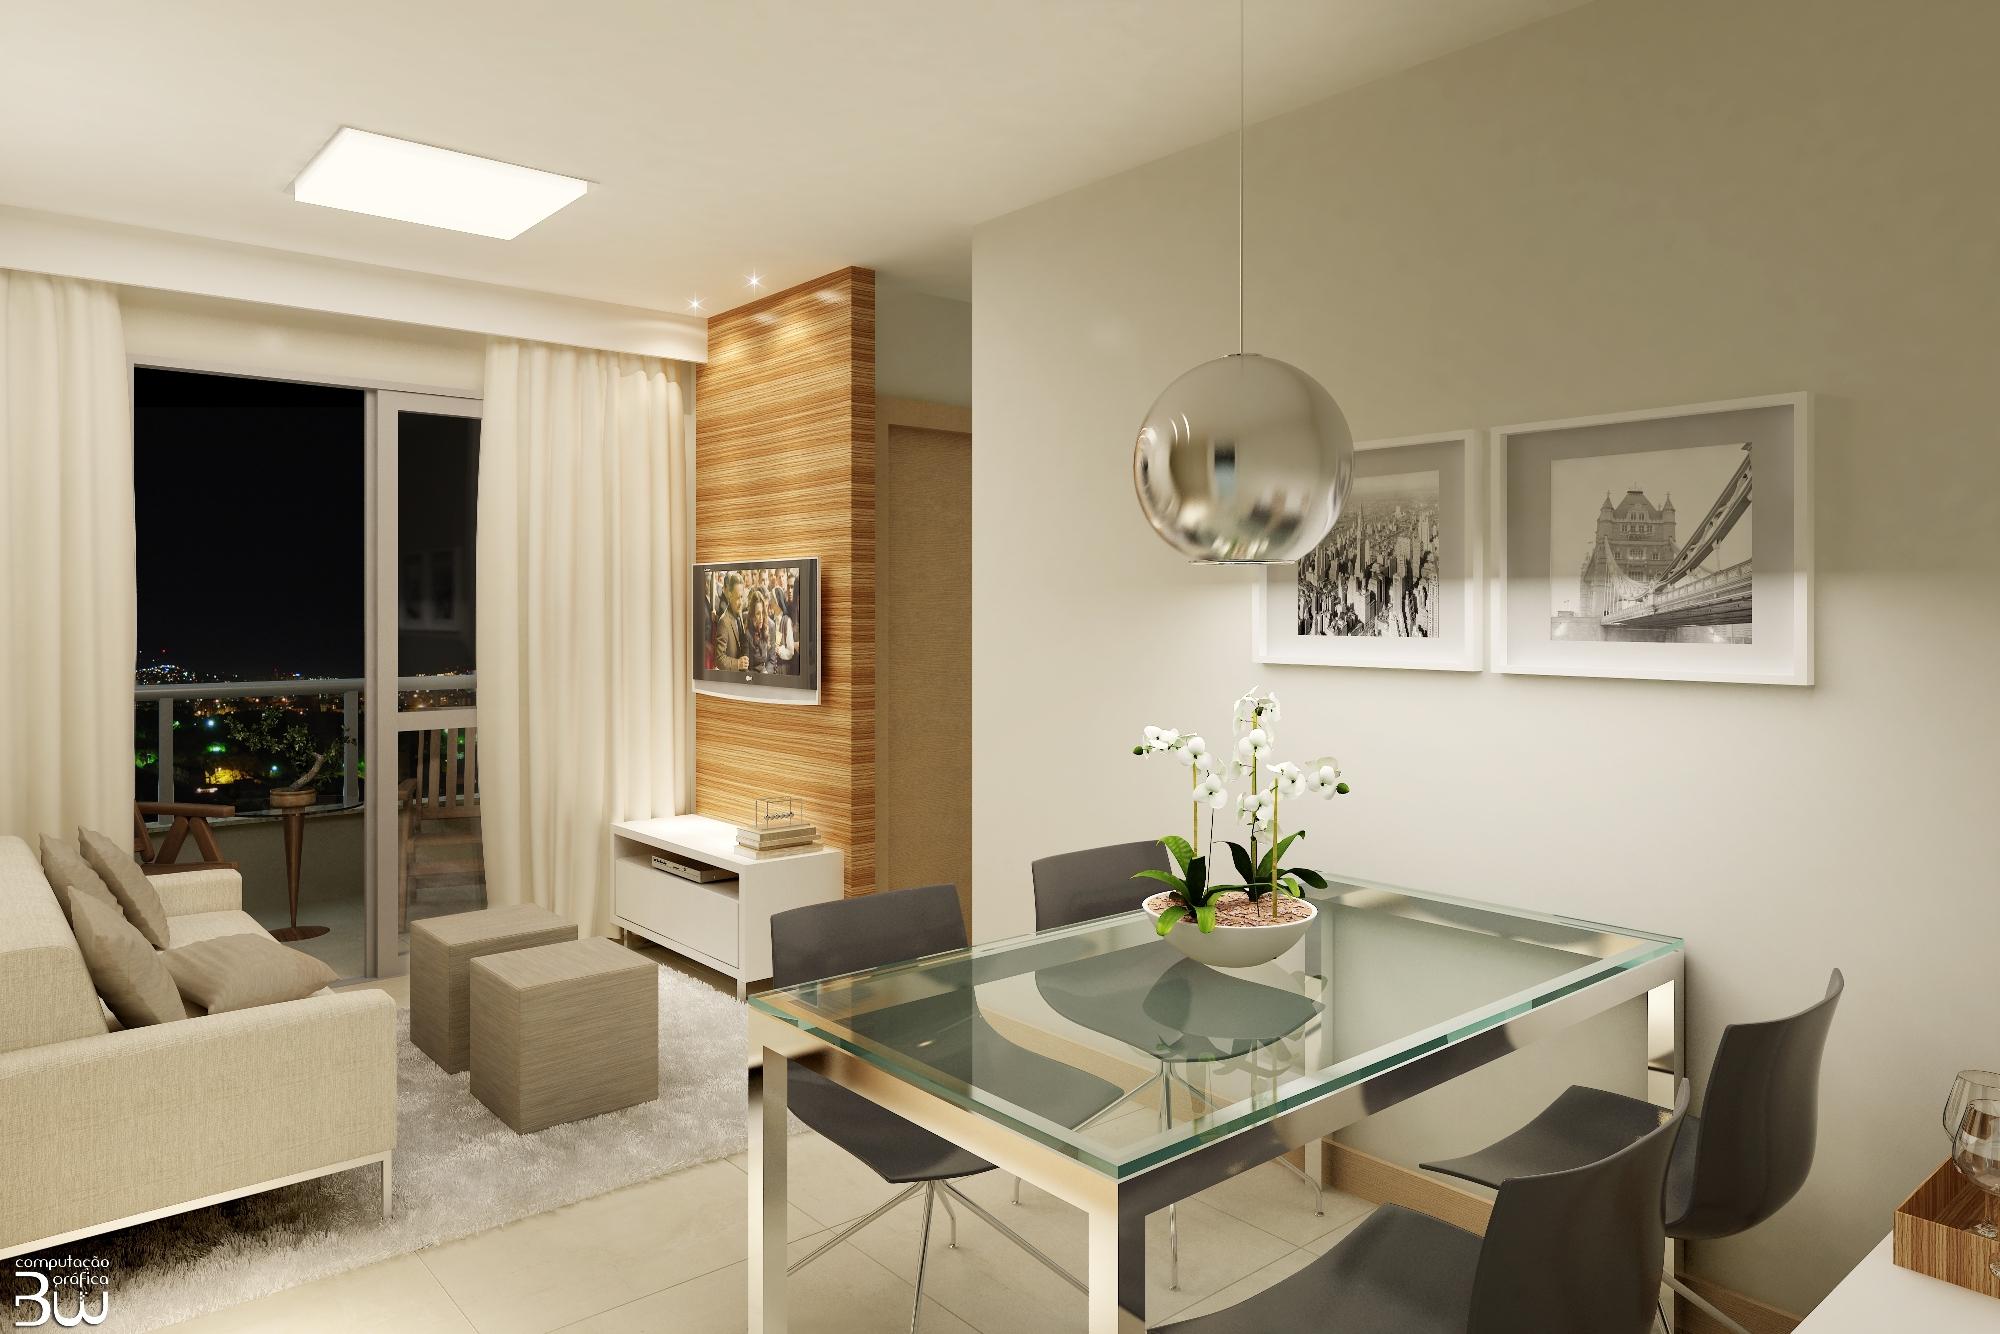 Itaparica em alta no mercado imobili rio folha vit ria - Fotos de lofts decorados ...